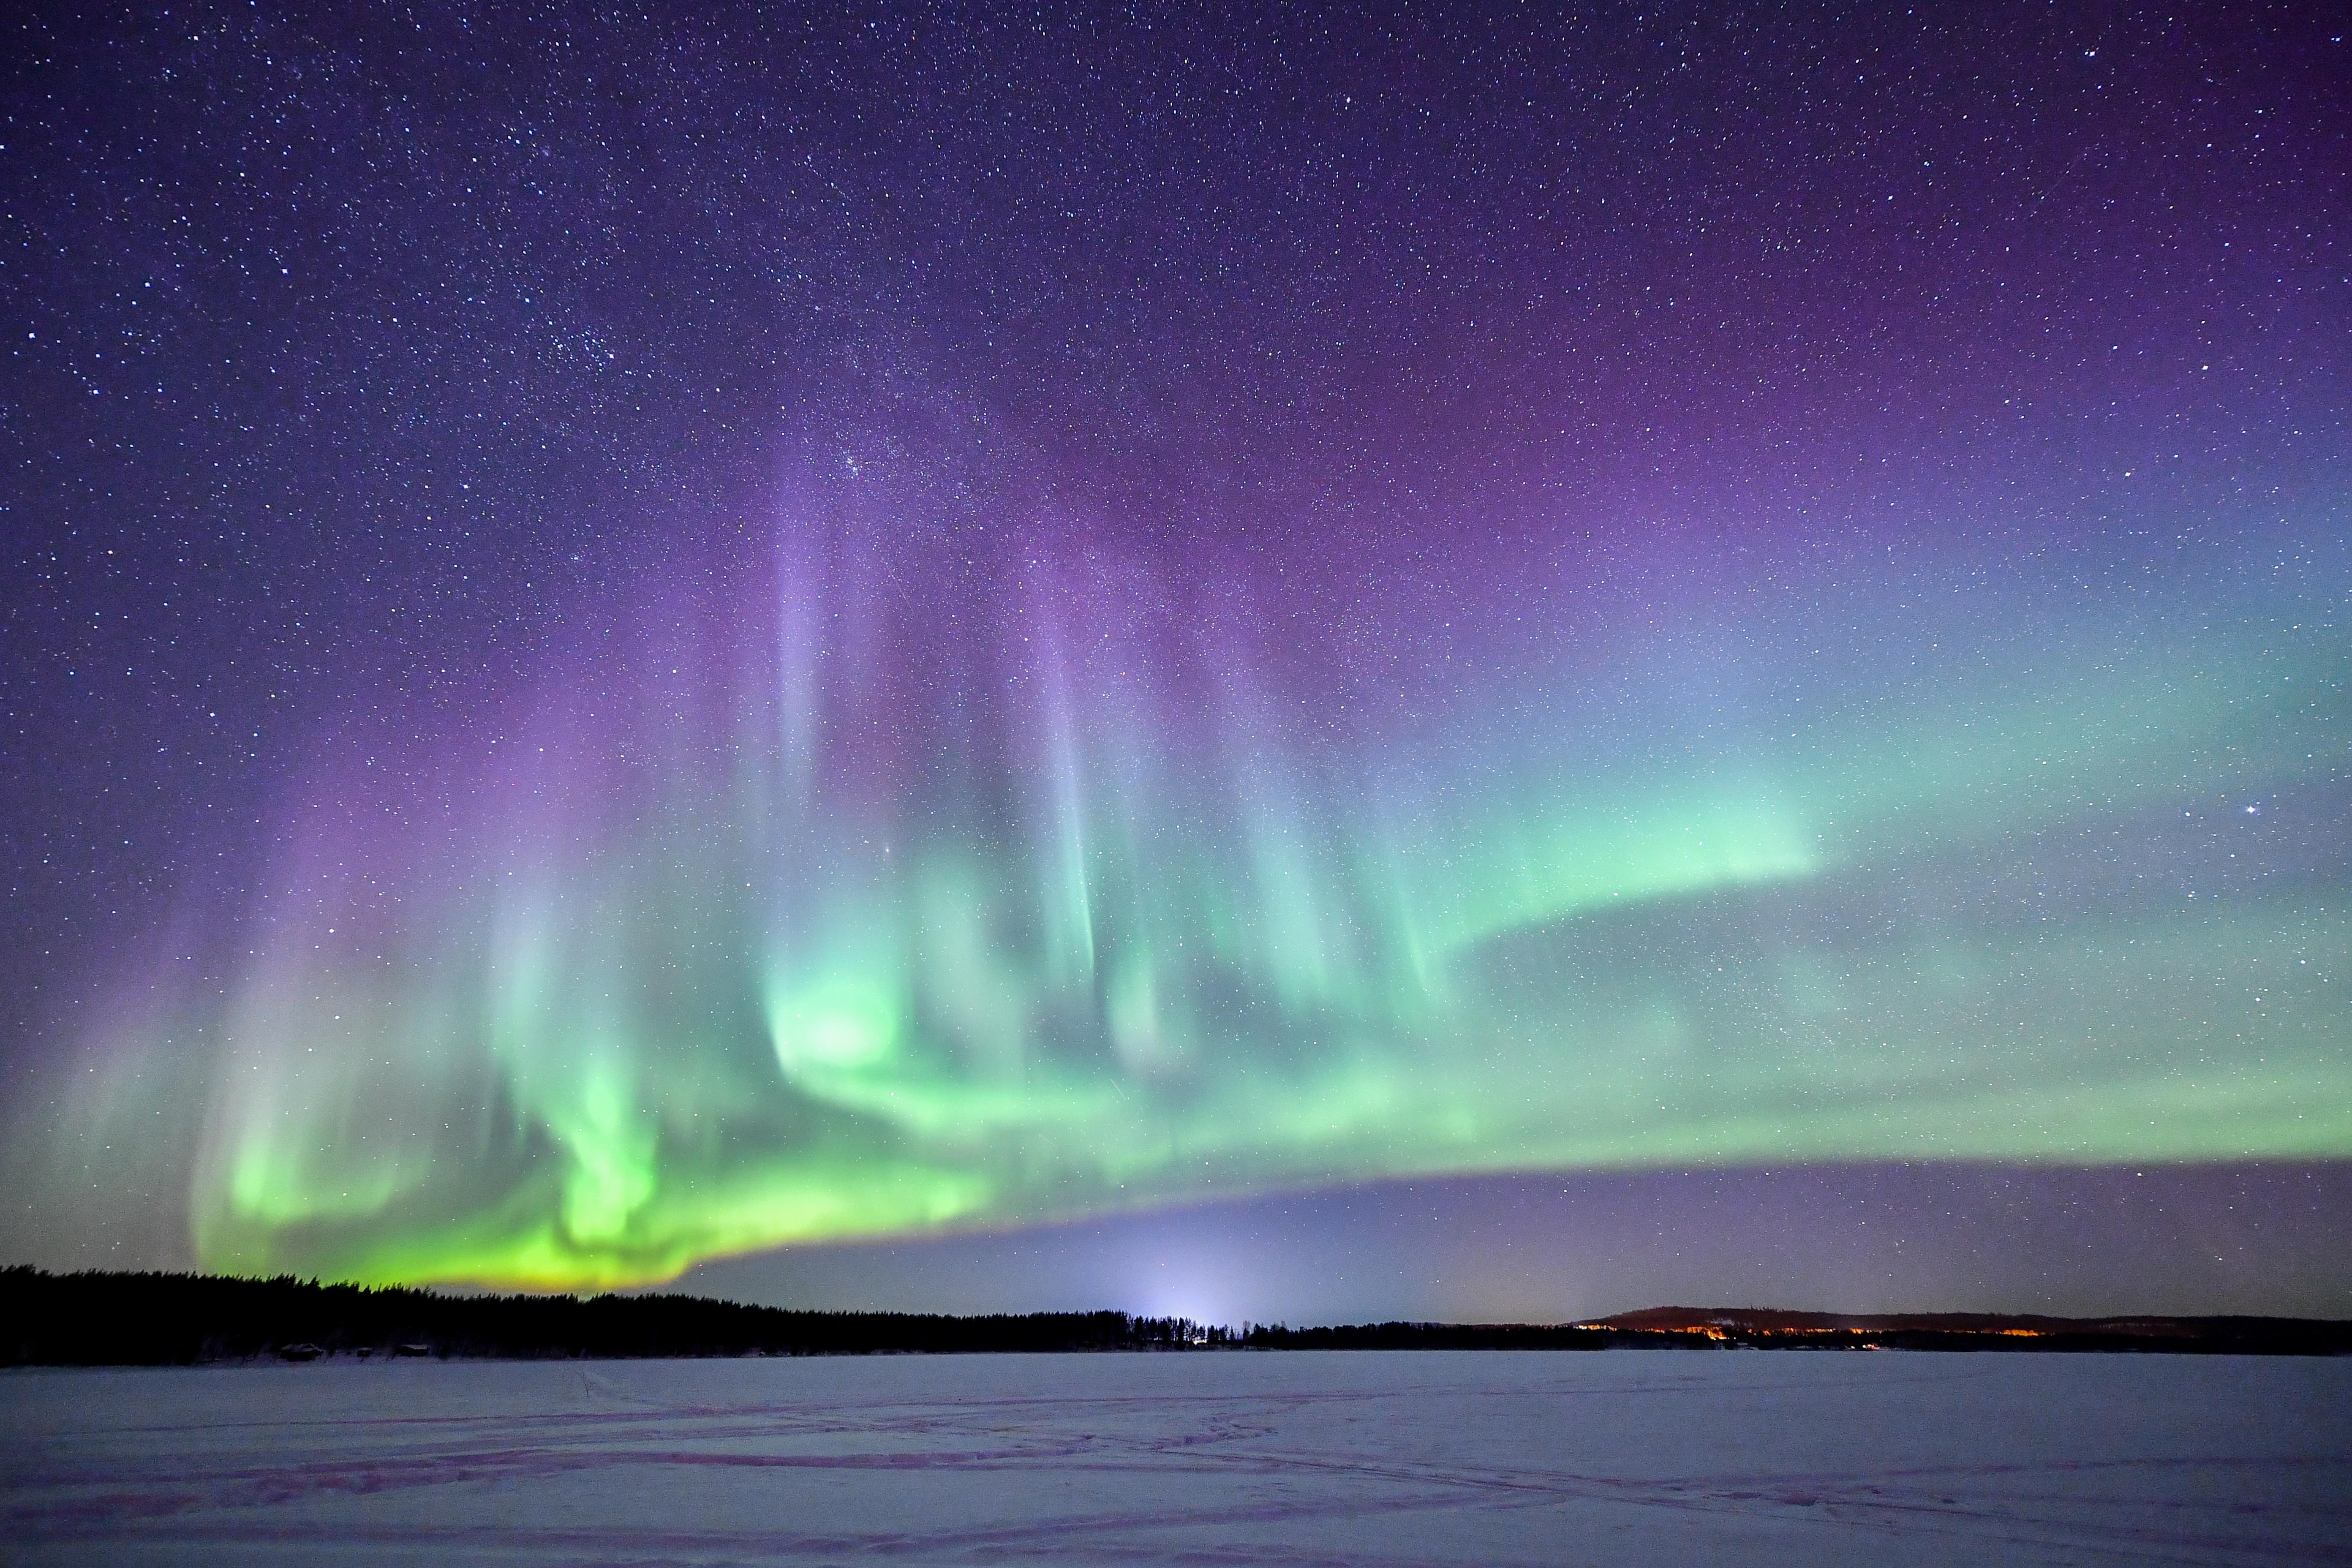 フィンランド ロヴァニエミのオーロラ